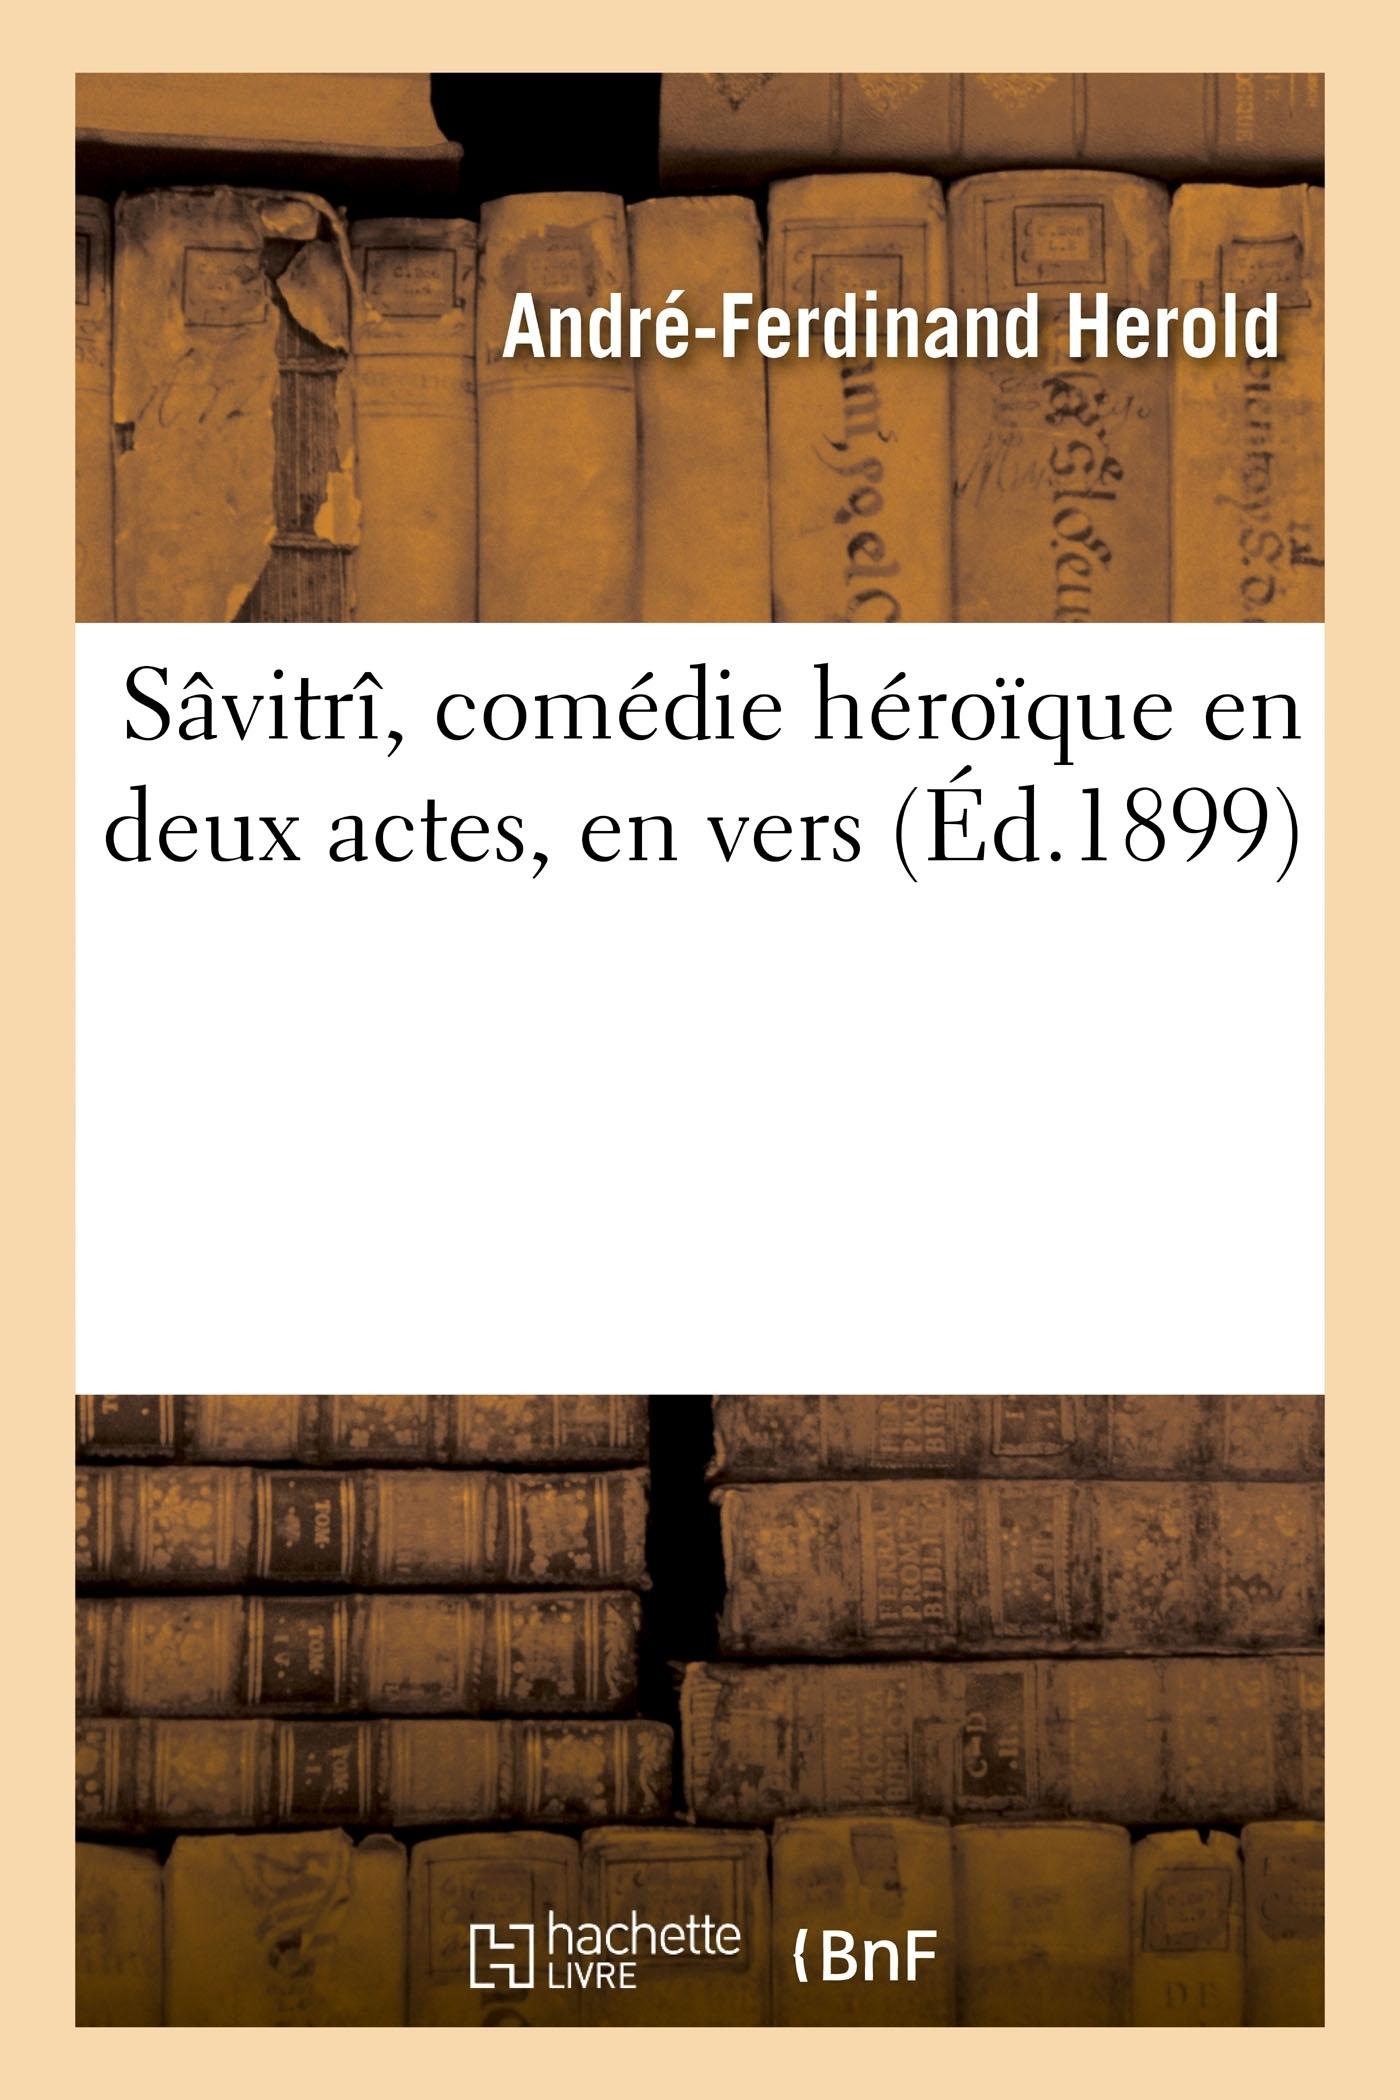 SAVITRI, COMEDIE HEROIQUE EN DEUX ACTES, EN VERS